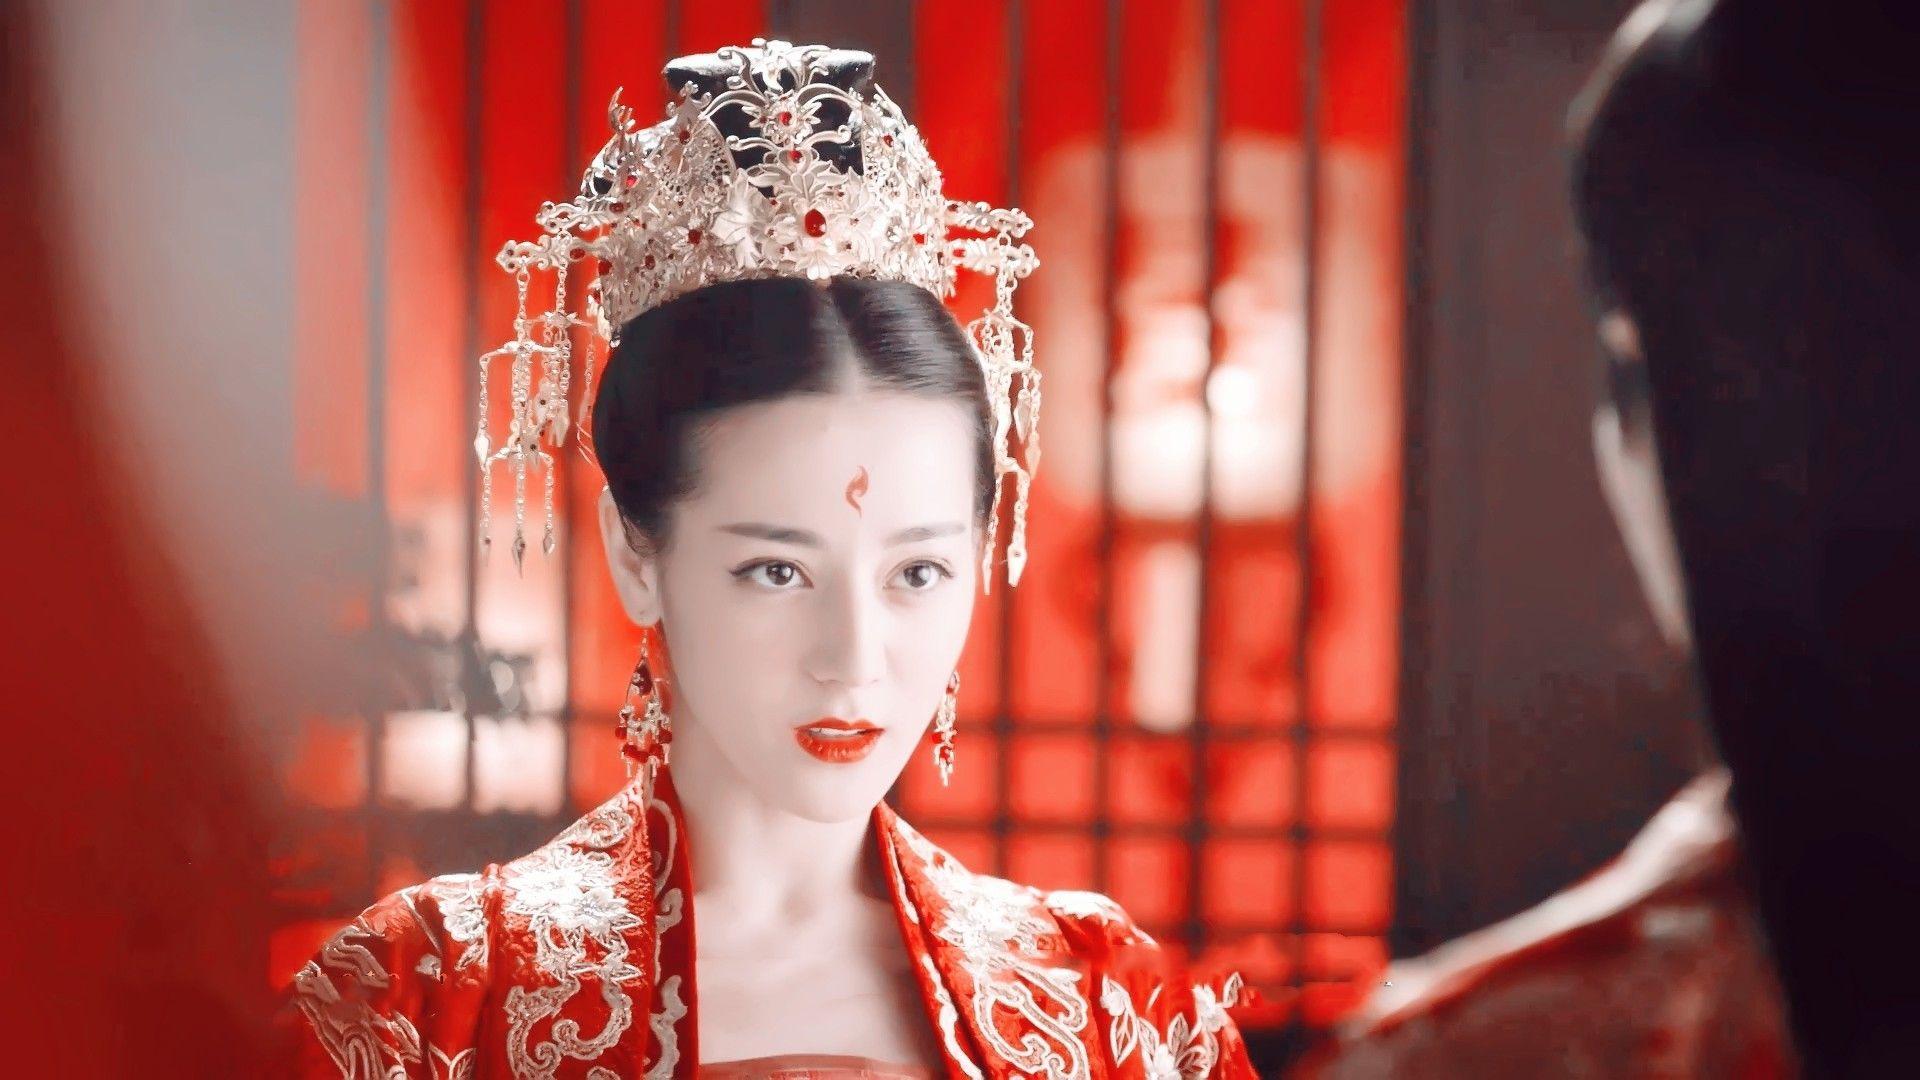 Dương Mịch, Nhiệt Ba, Đàm Tùng Vận... đọ sắc trong trang phục tân nương cổ trang 4